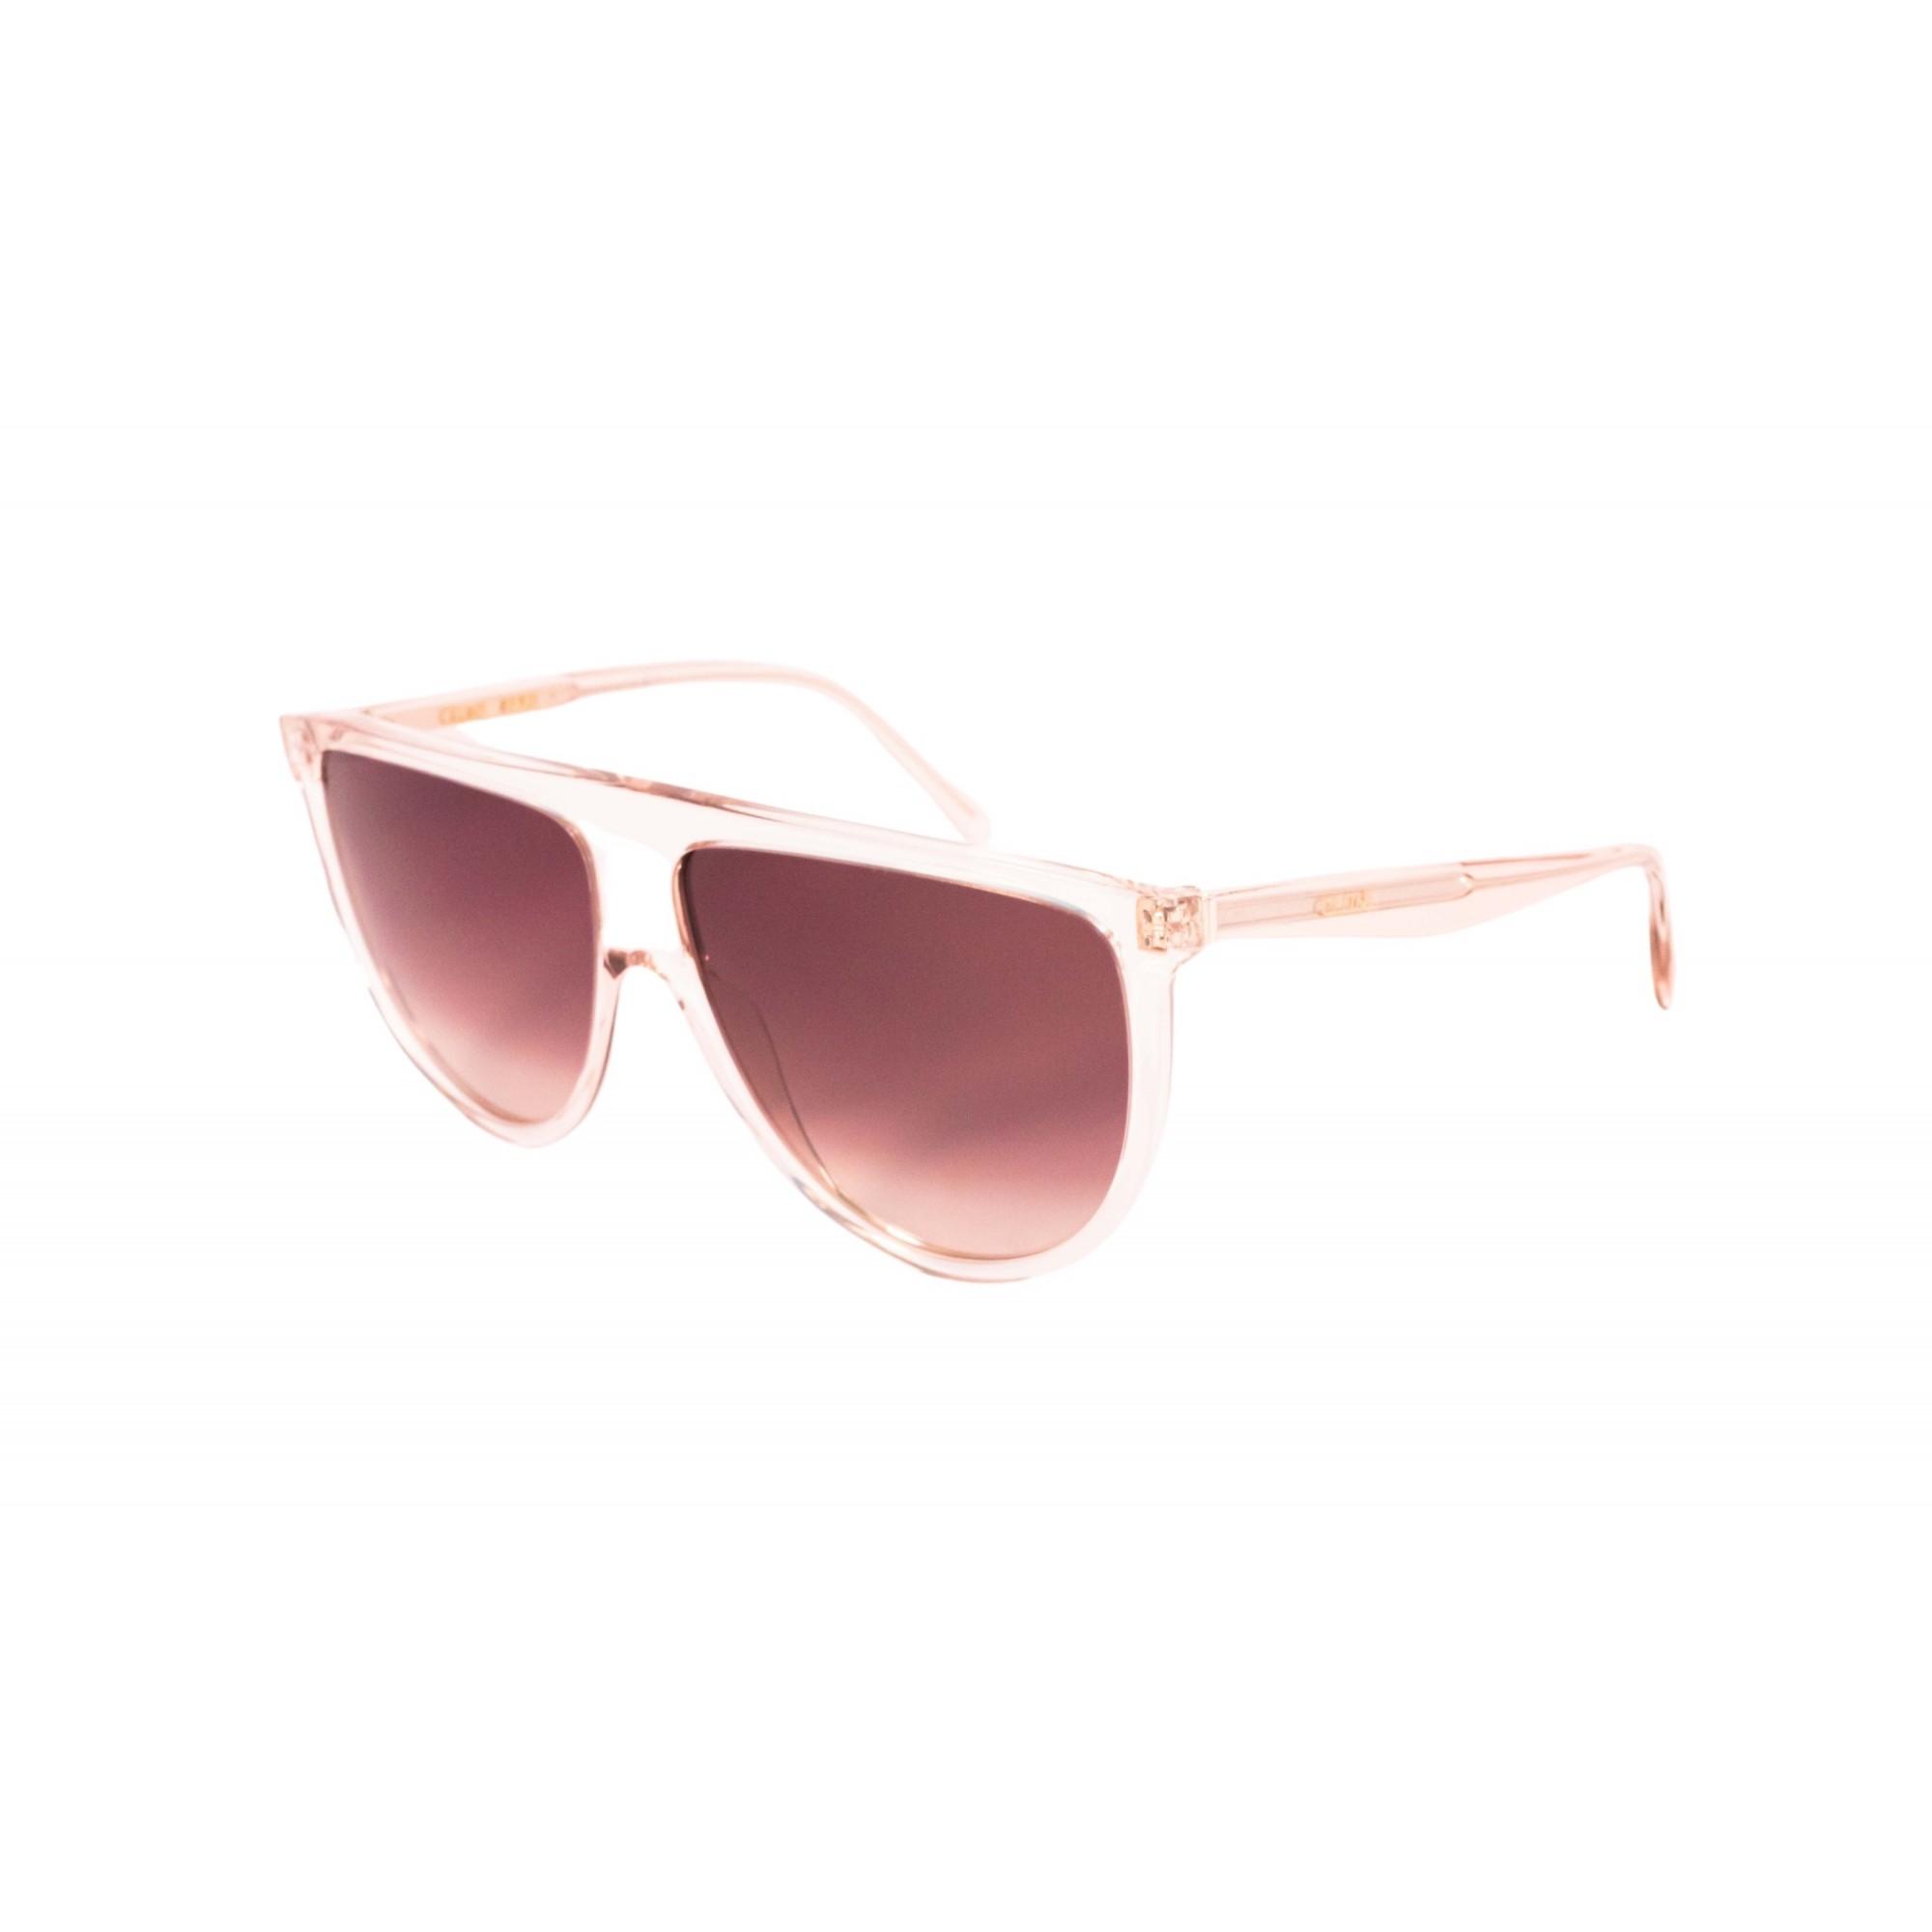 Óculos Celine Clássico cl4006in 72f 62 Transparente